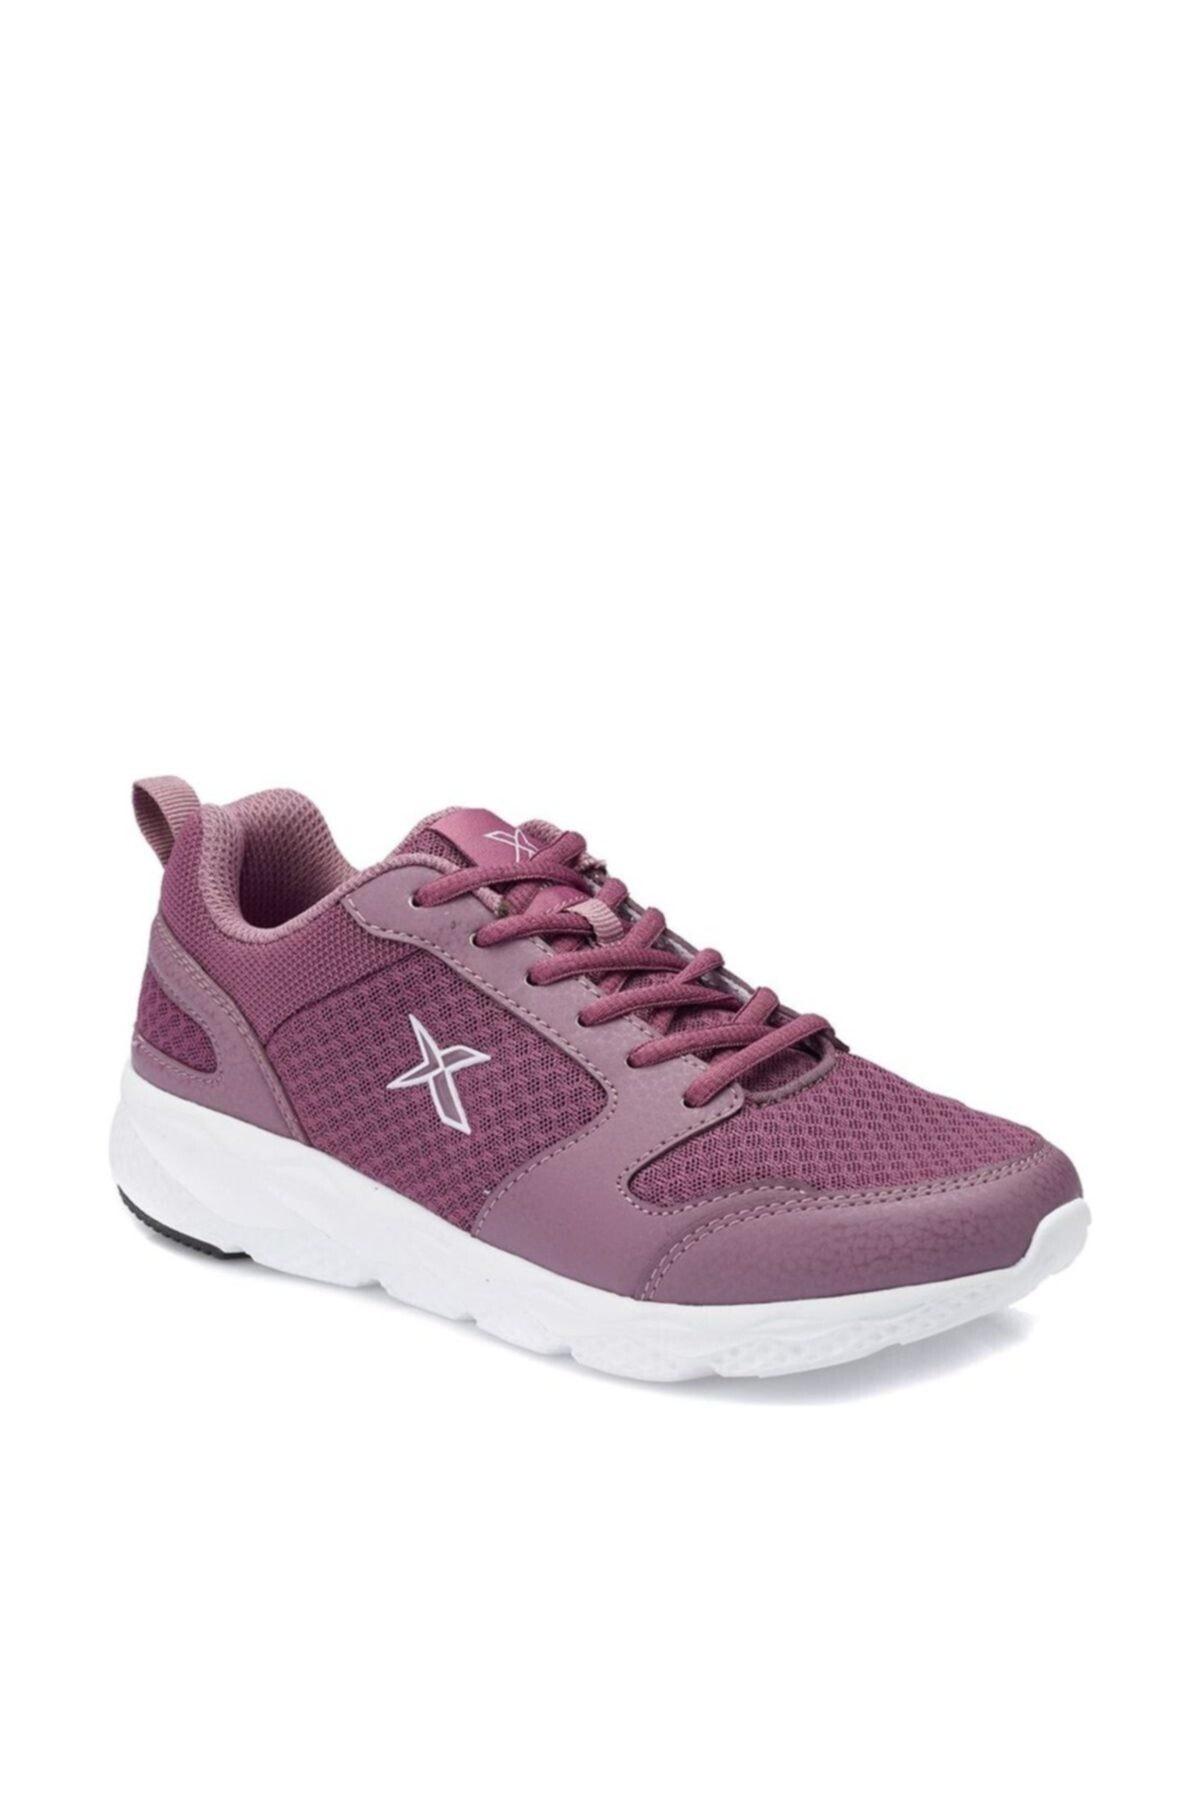 Kinetix OKA W Mor Kadın Koşu Ayakkabısı 100323565 1